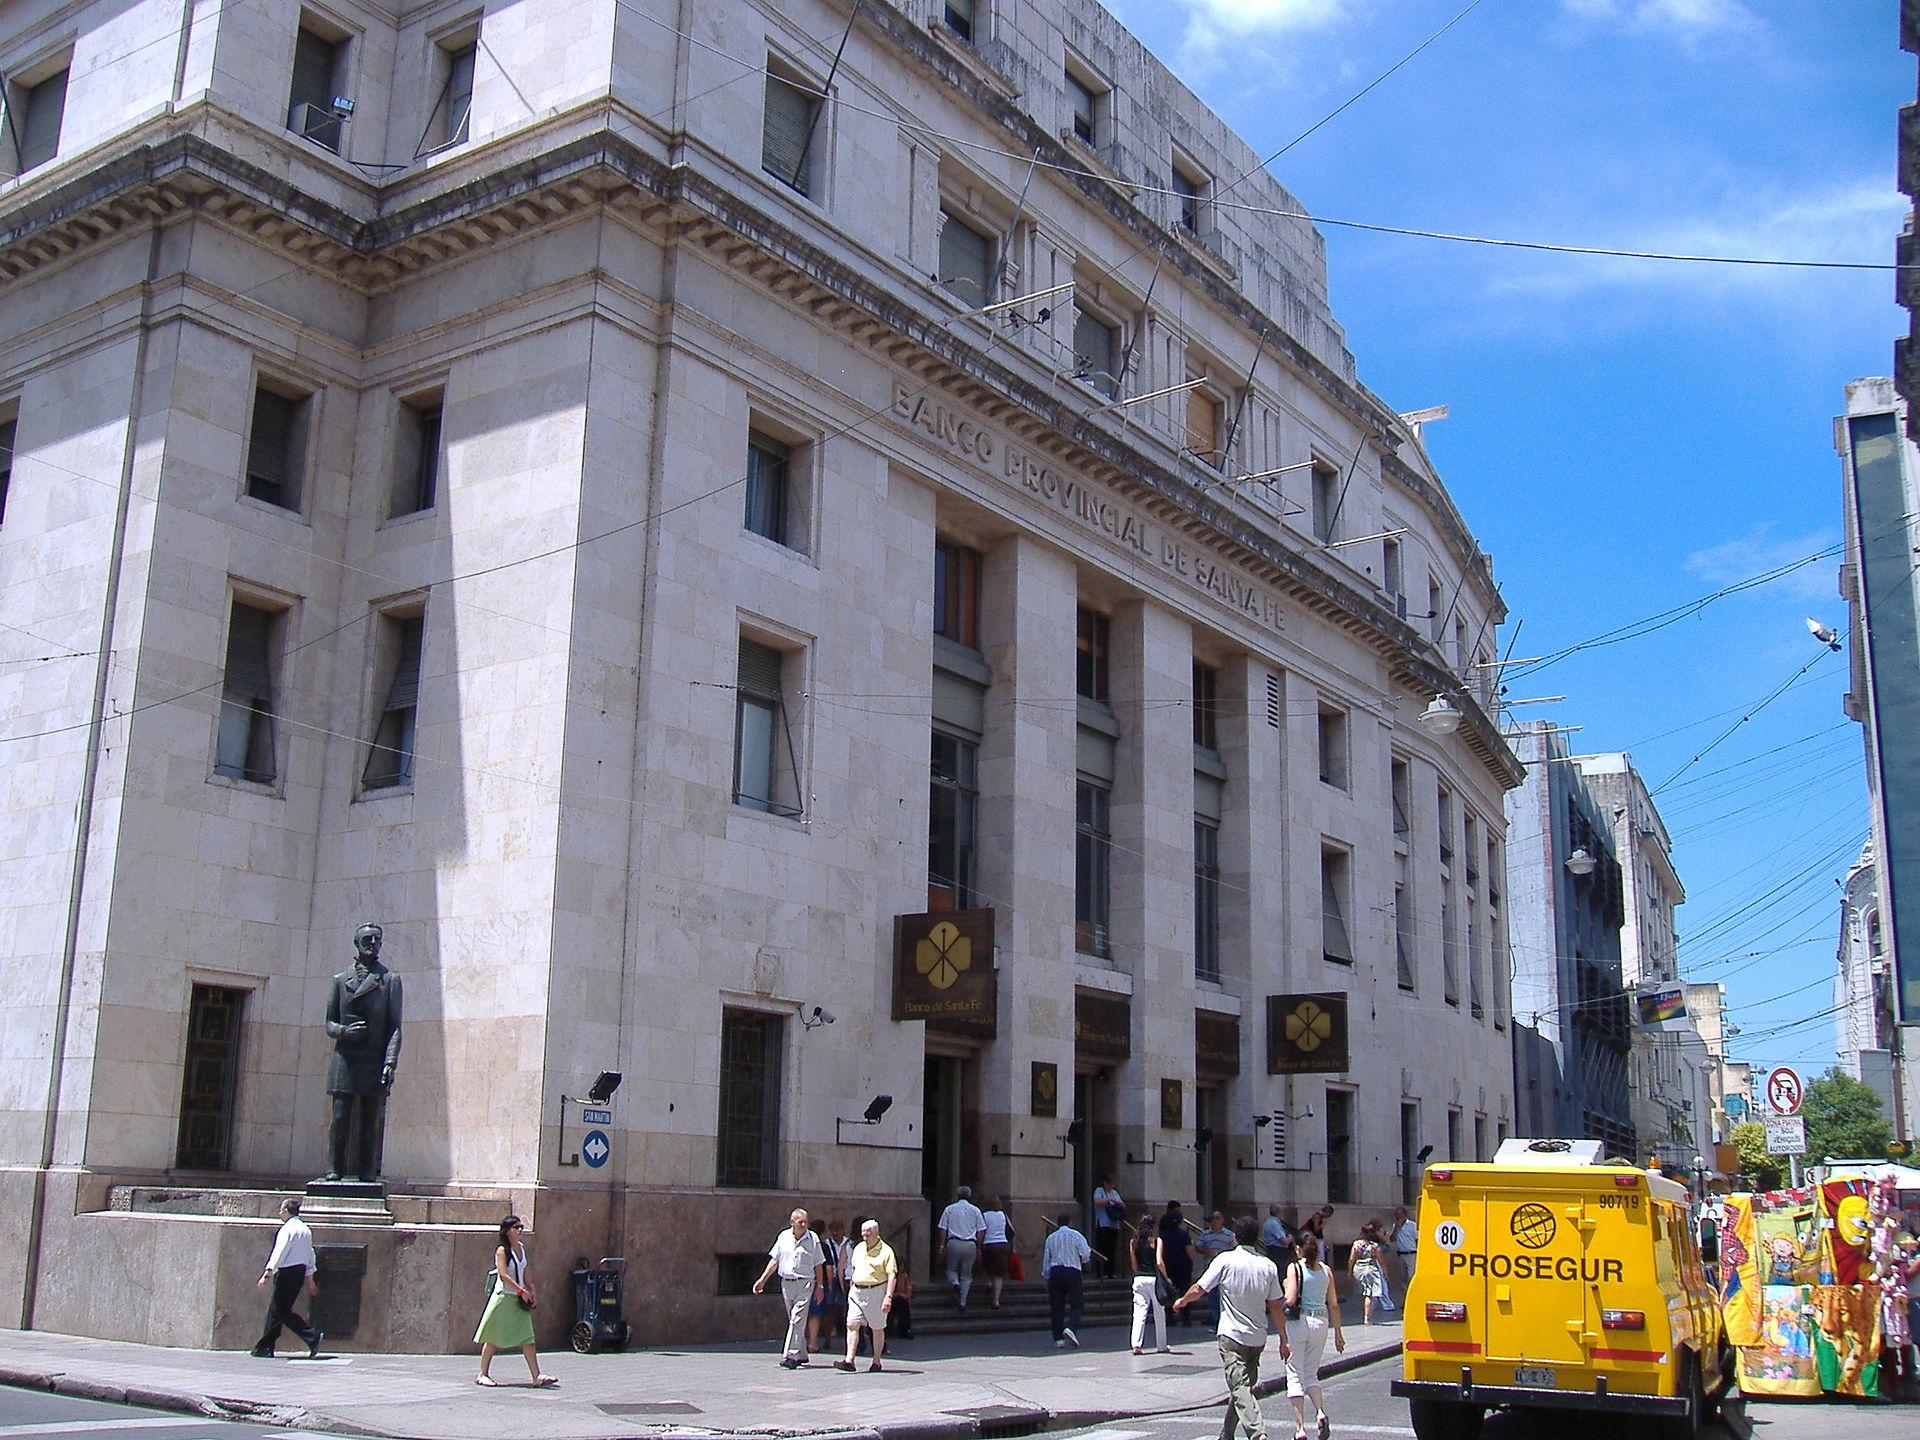 Nuevo banco de santa fe wikipedia la enciclopedia libre for Casa in stile santa fe